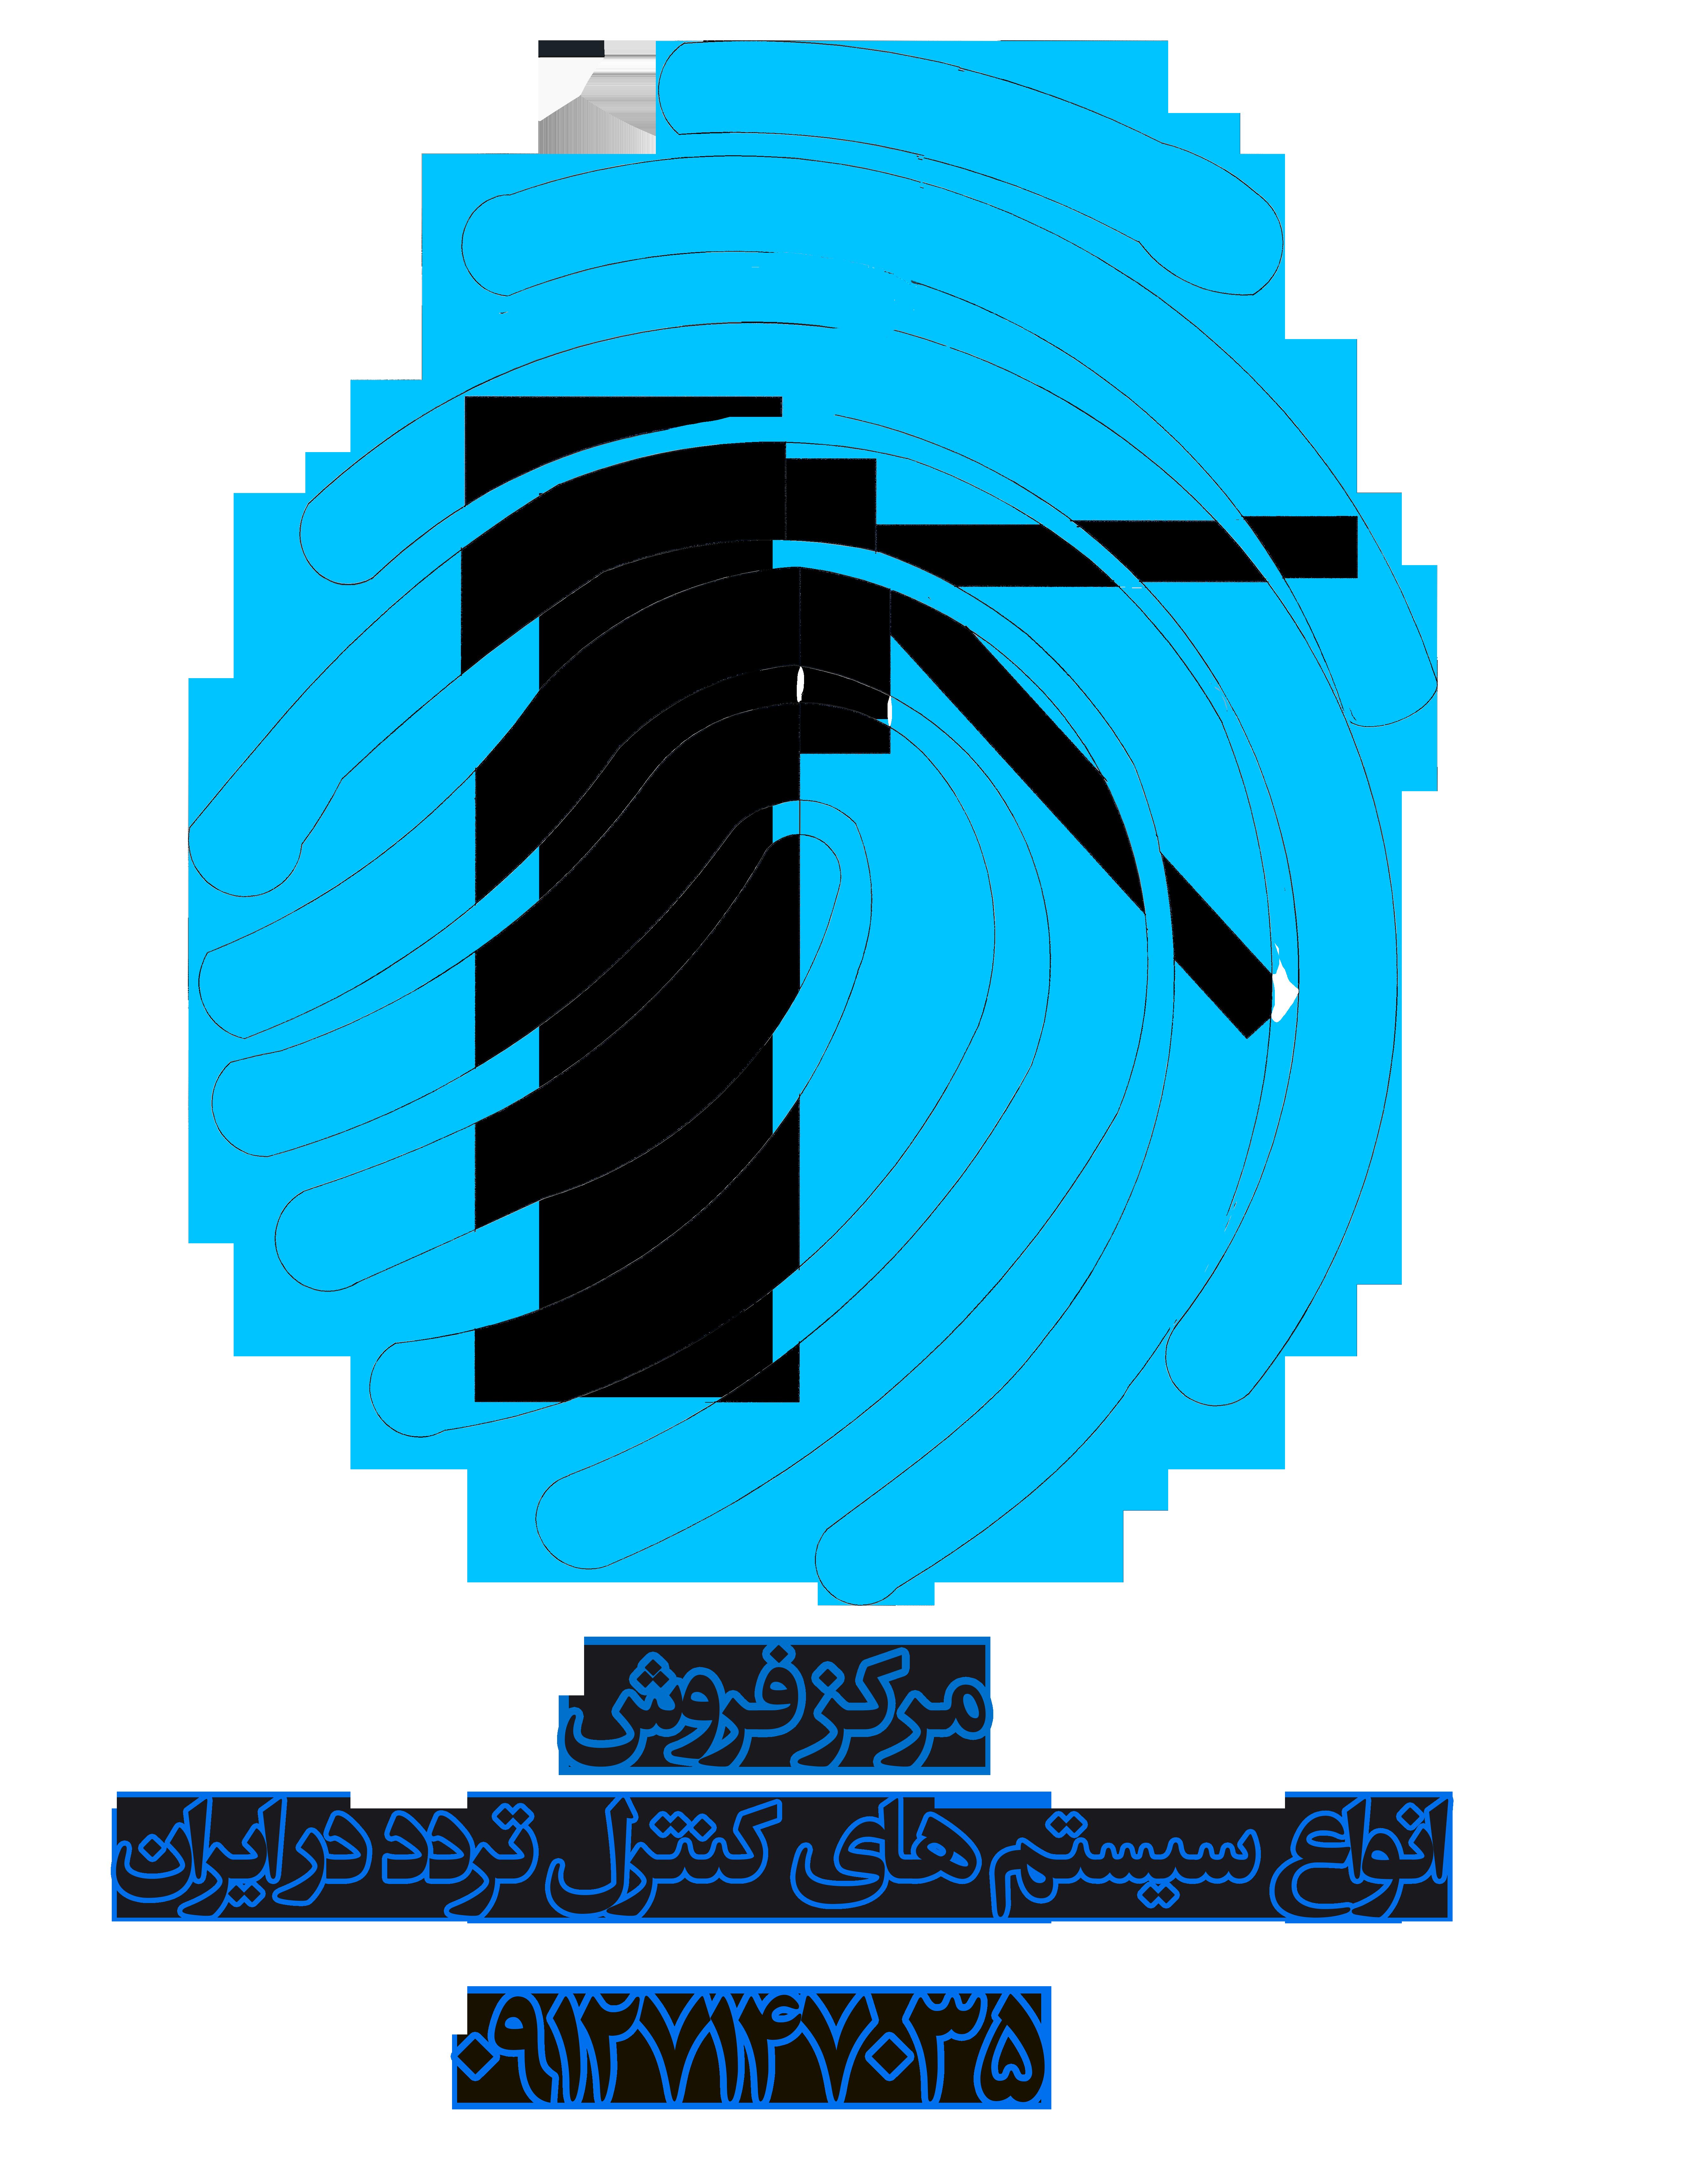 مرکز فروش انواع دستگاه امنیتی | تردد سی تی آر ال